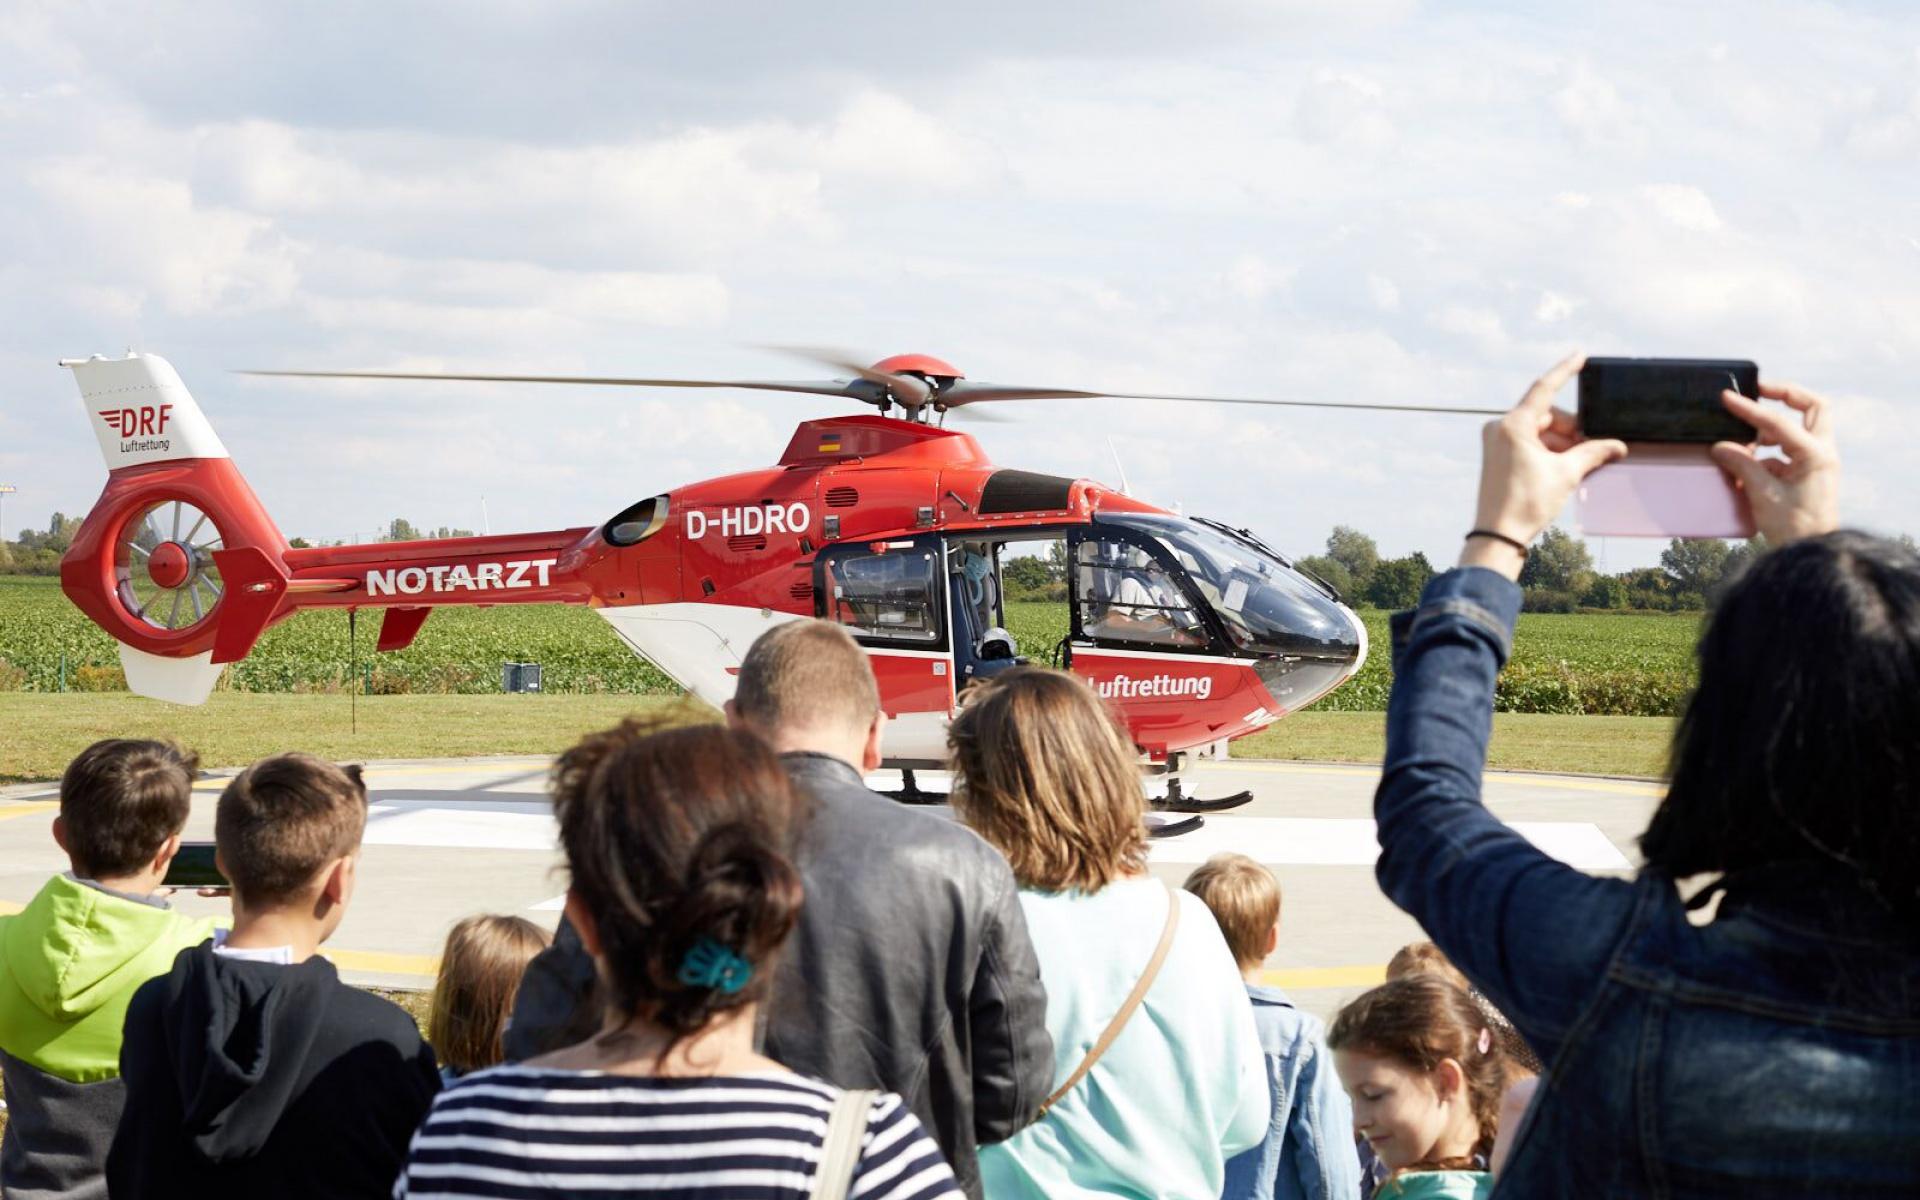 Zu insgesamt sechs Einsätzen startete die Besatzung vor den Augen der Besucher. Foto: Mario Tomiak.